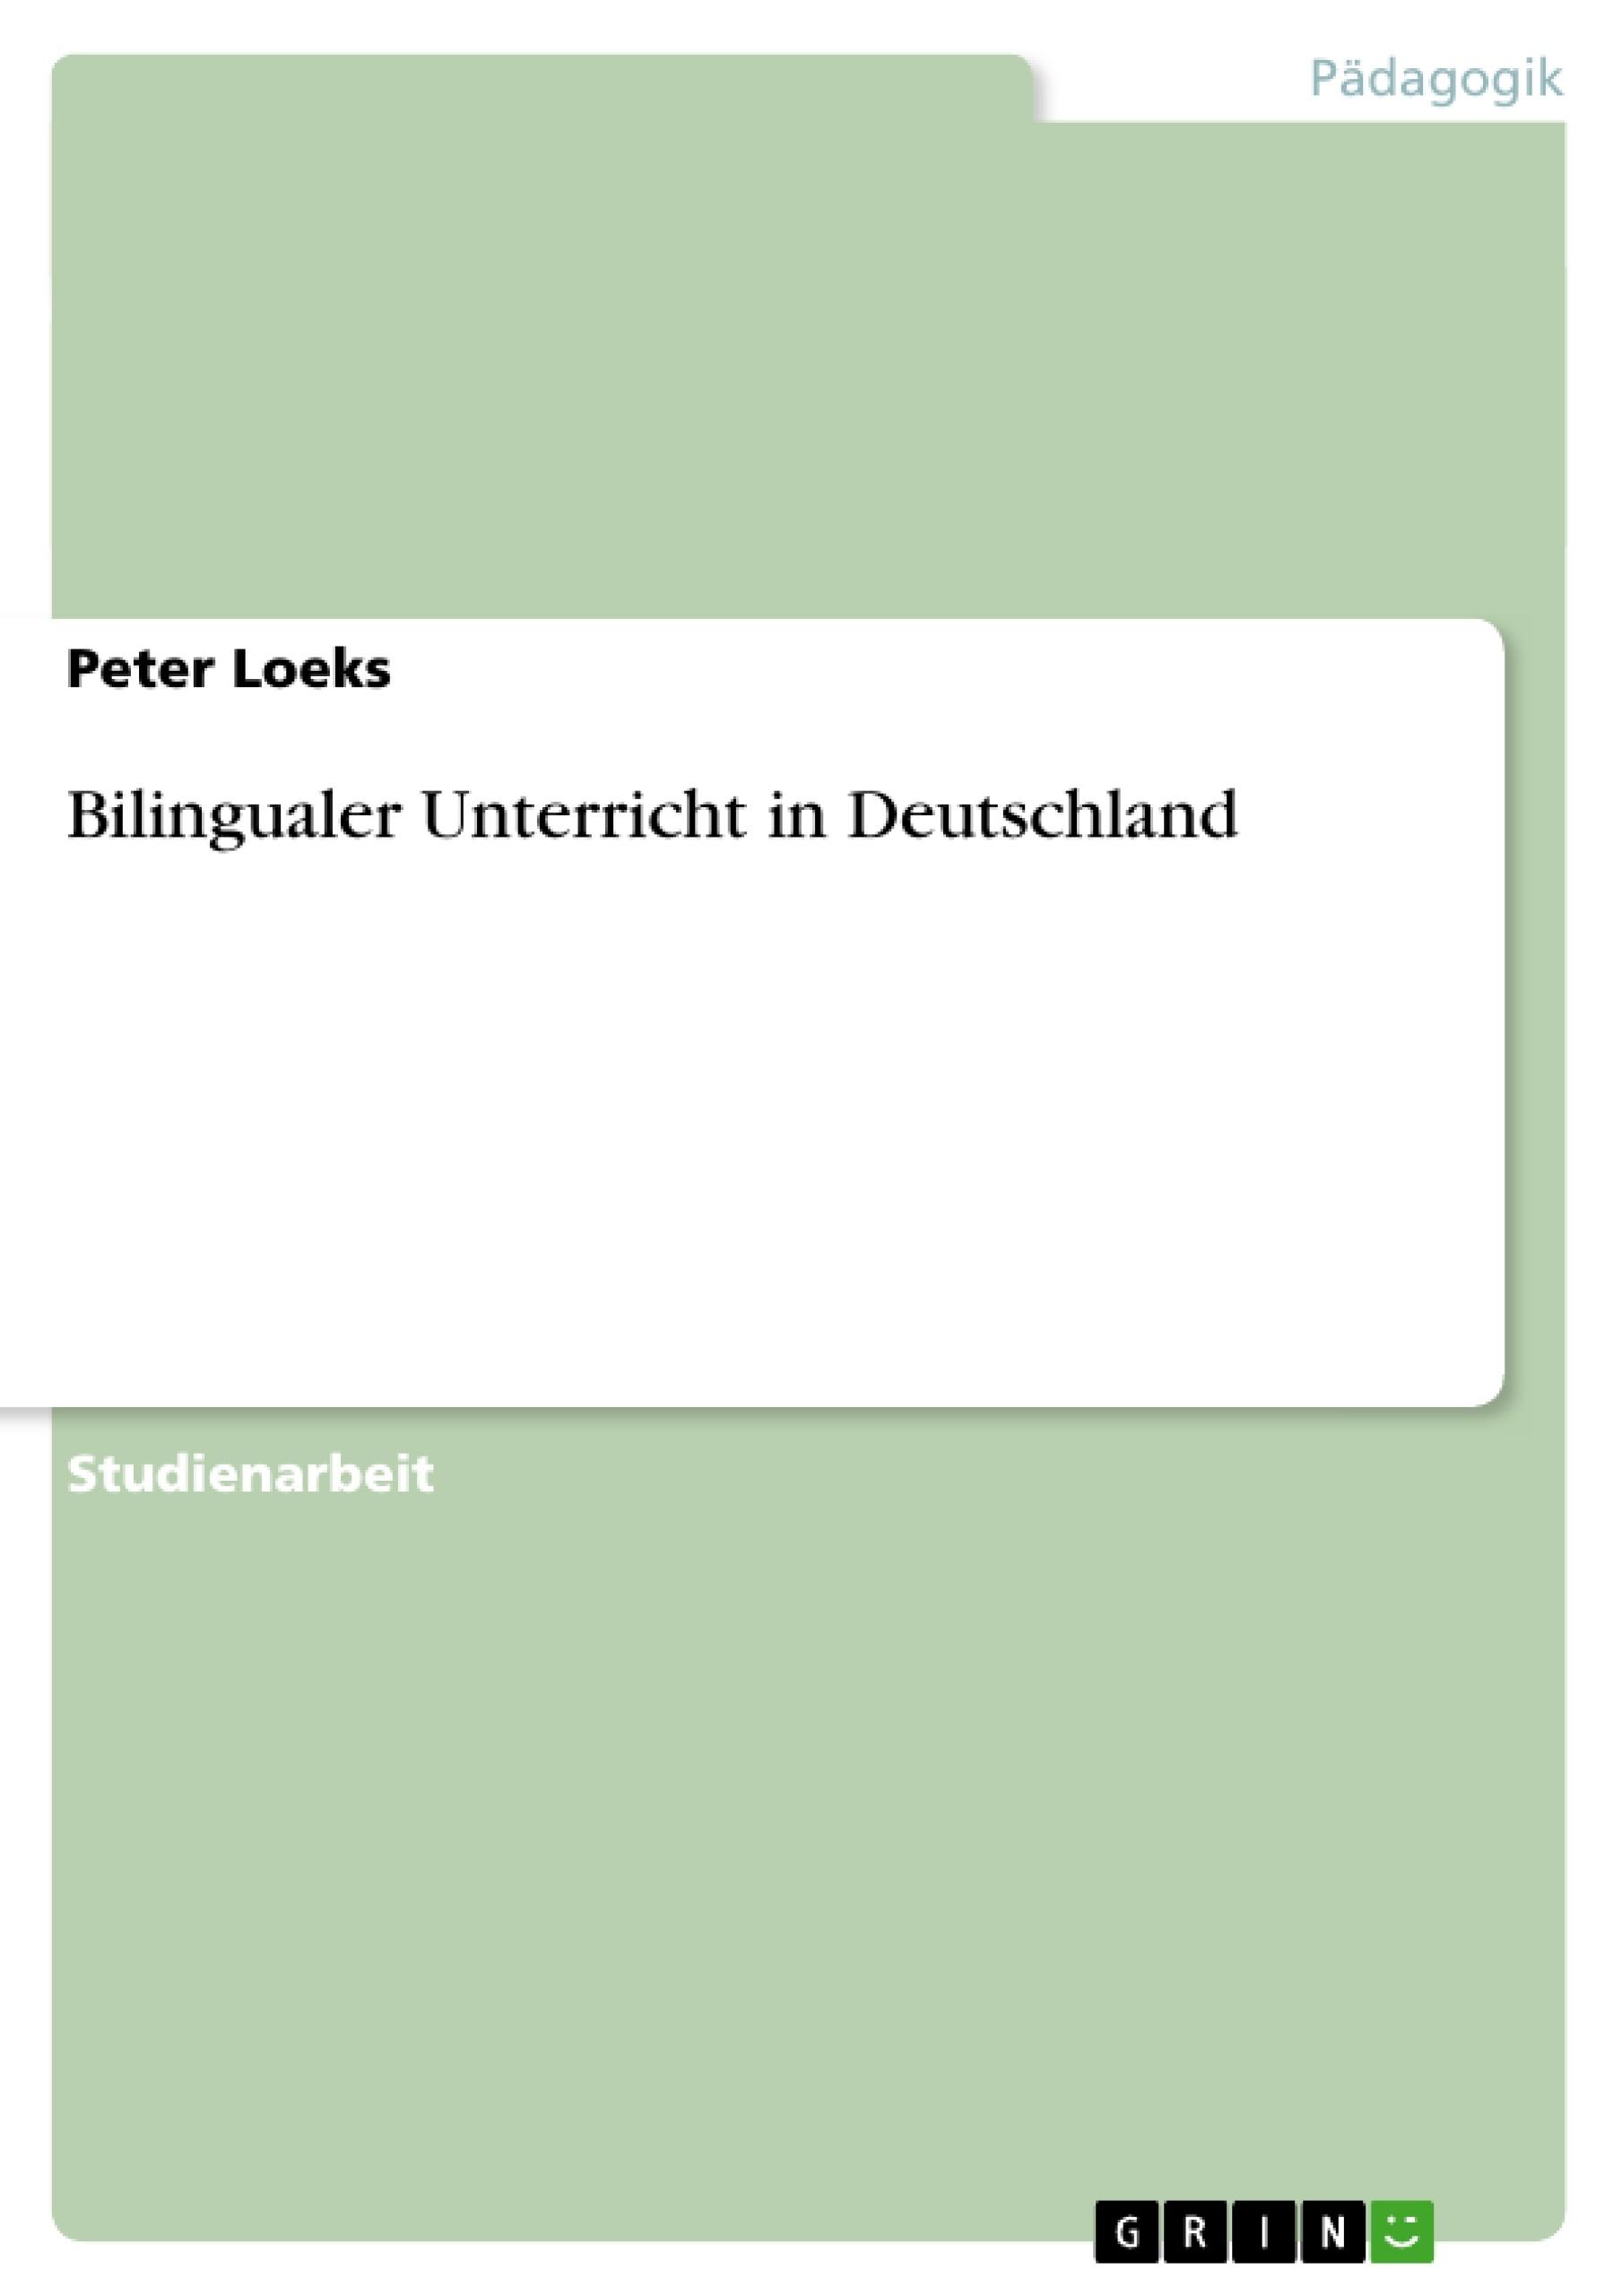 Titel: Bilingualer Unterricht in Deutschland